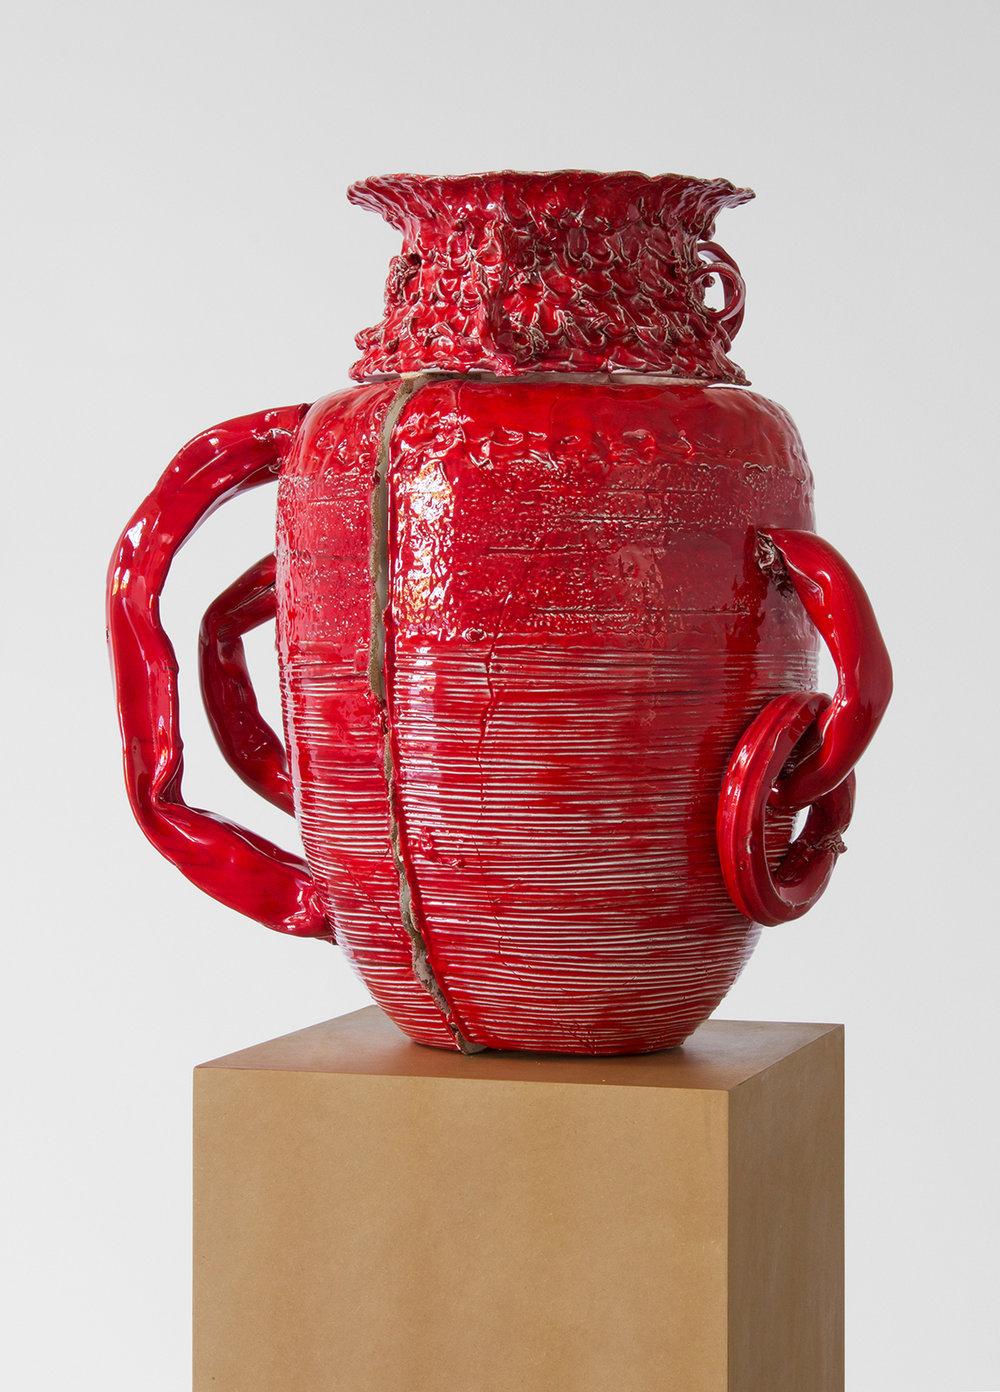 Nicole Cherubini  Pot, S. Haze,  2016 Earthenware, glaze, decals, pc-II, model magic, acrylic, medium-density fiberboard 69.5 x 28 x 22.5 in